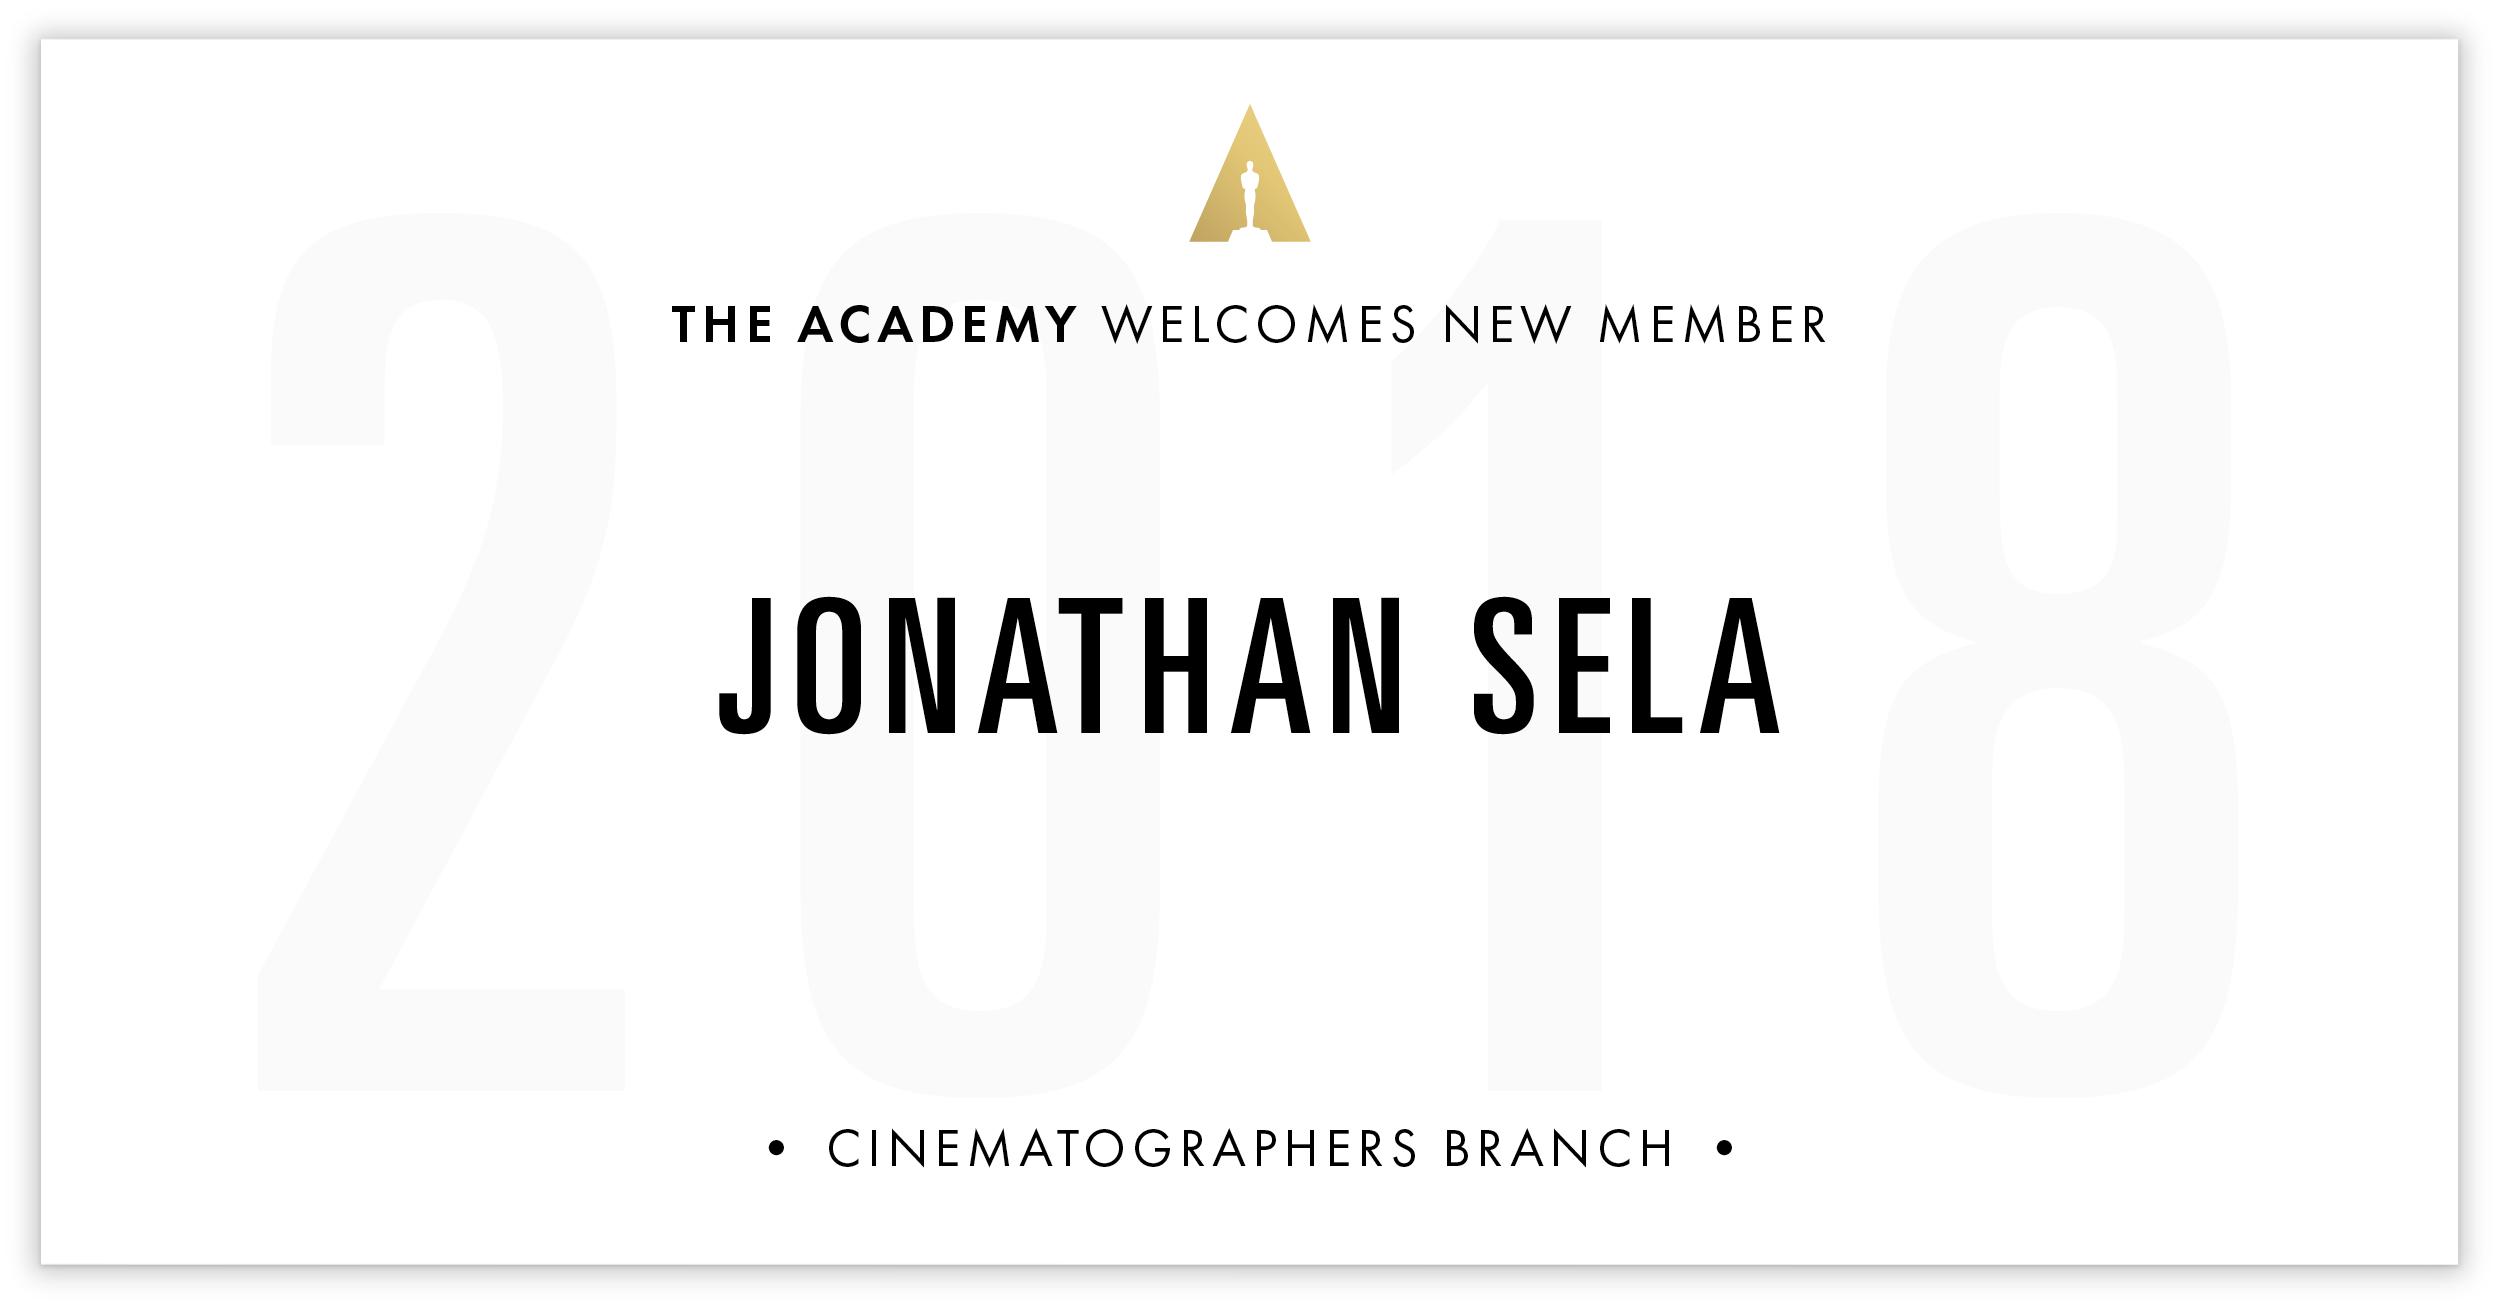 Jonathan Sela is invited!